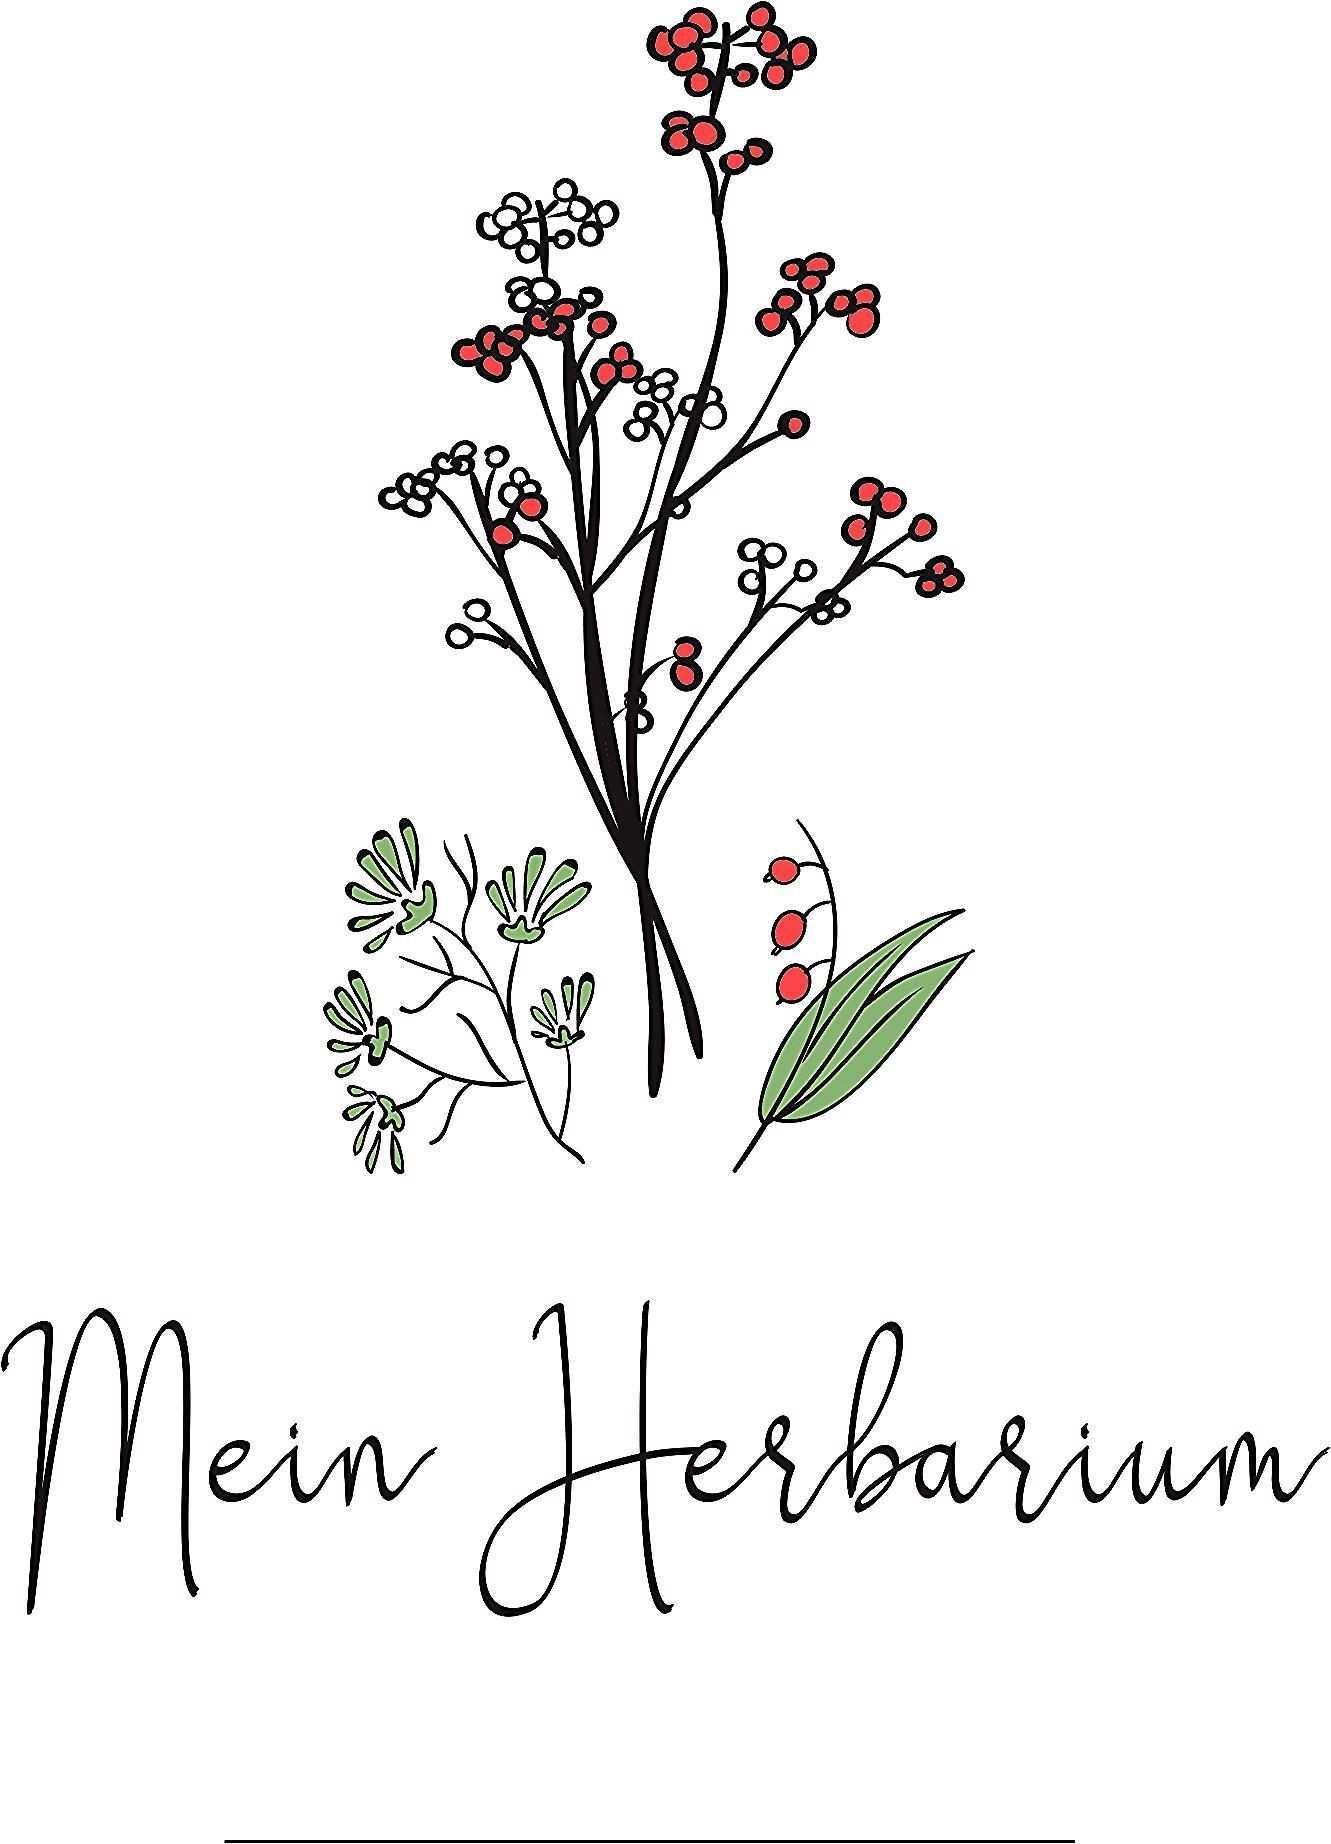 Dieses Herbarium Deckblatt Und Weitere Kostenlose Deckblatter Im Pdf Format Zum Ausdrucken Findet Ihr Auf Kribbelbunt De Herbarium Family Travel Quotes Cover